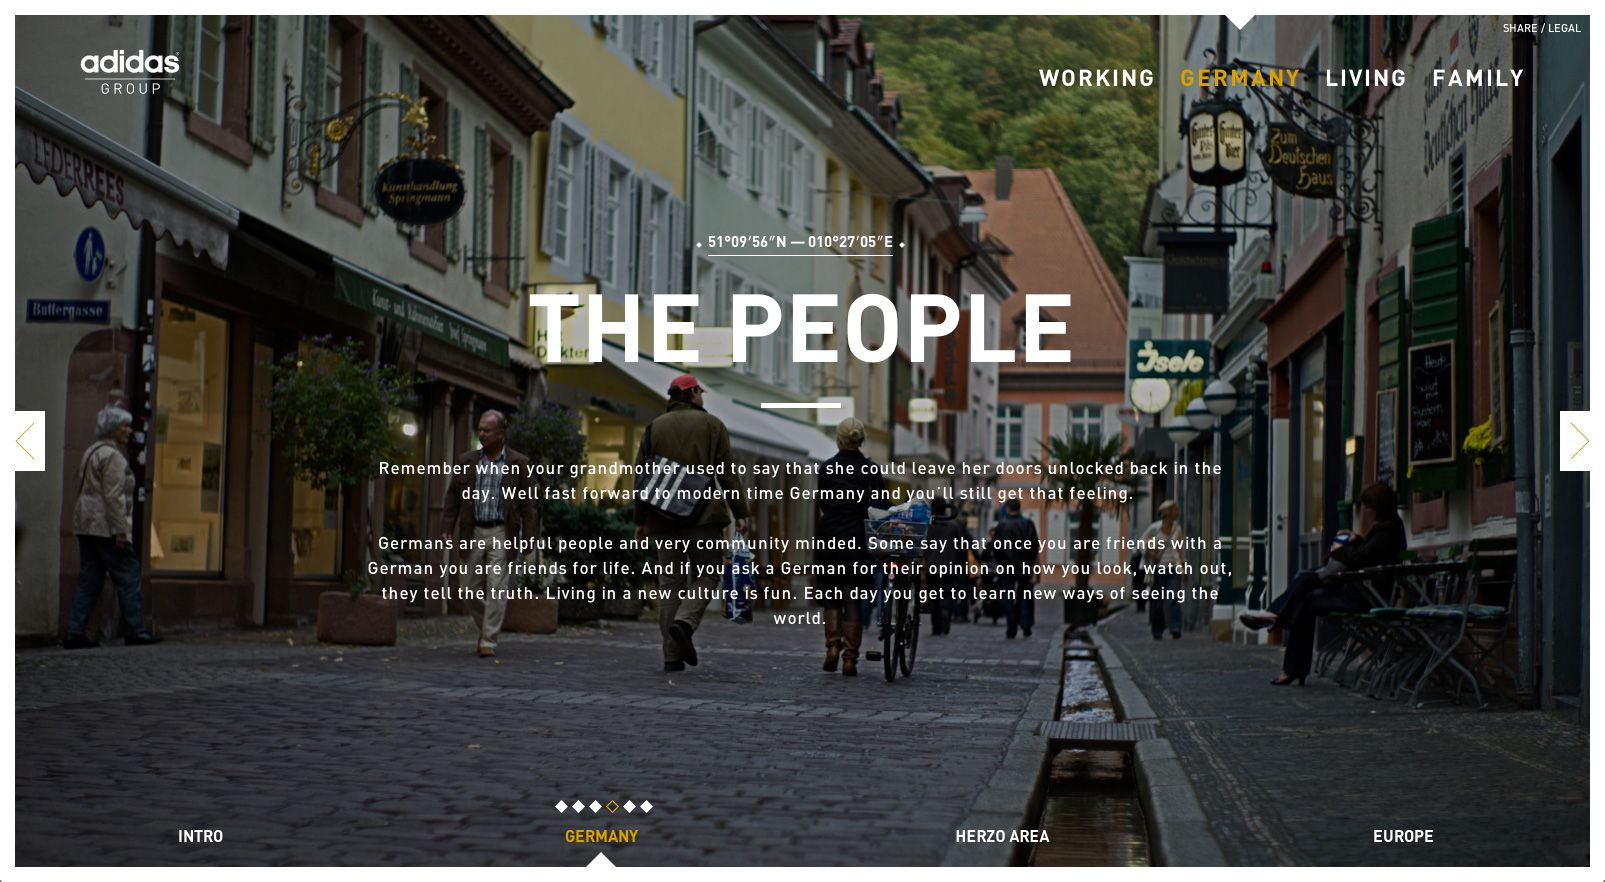 Pin por adidas adidas Group Jobs en Group adidas por Group HQ Herzo Website 4e428fd - omkostningertil.website